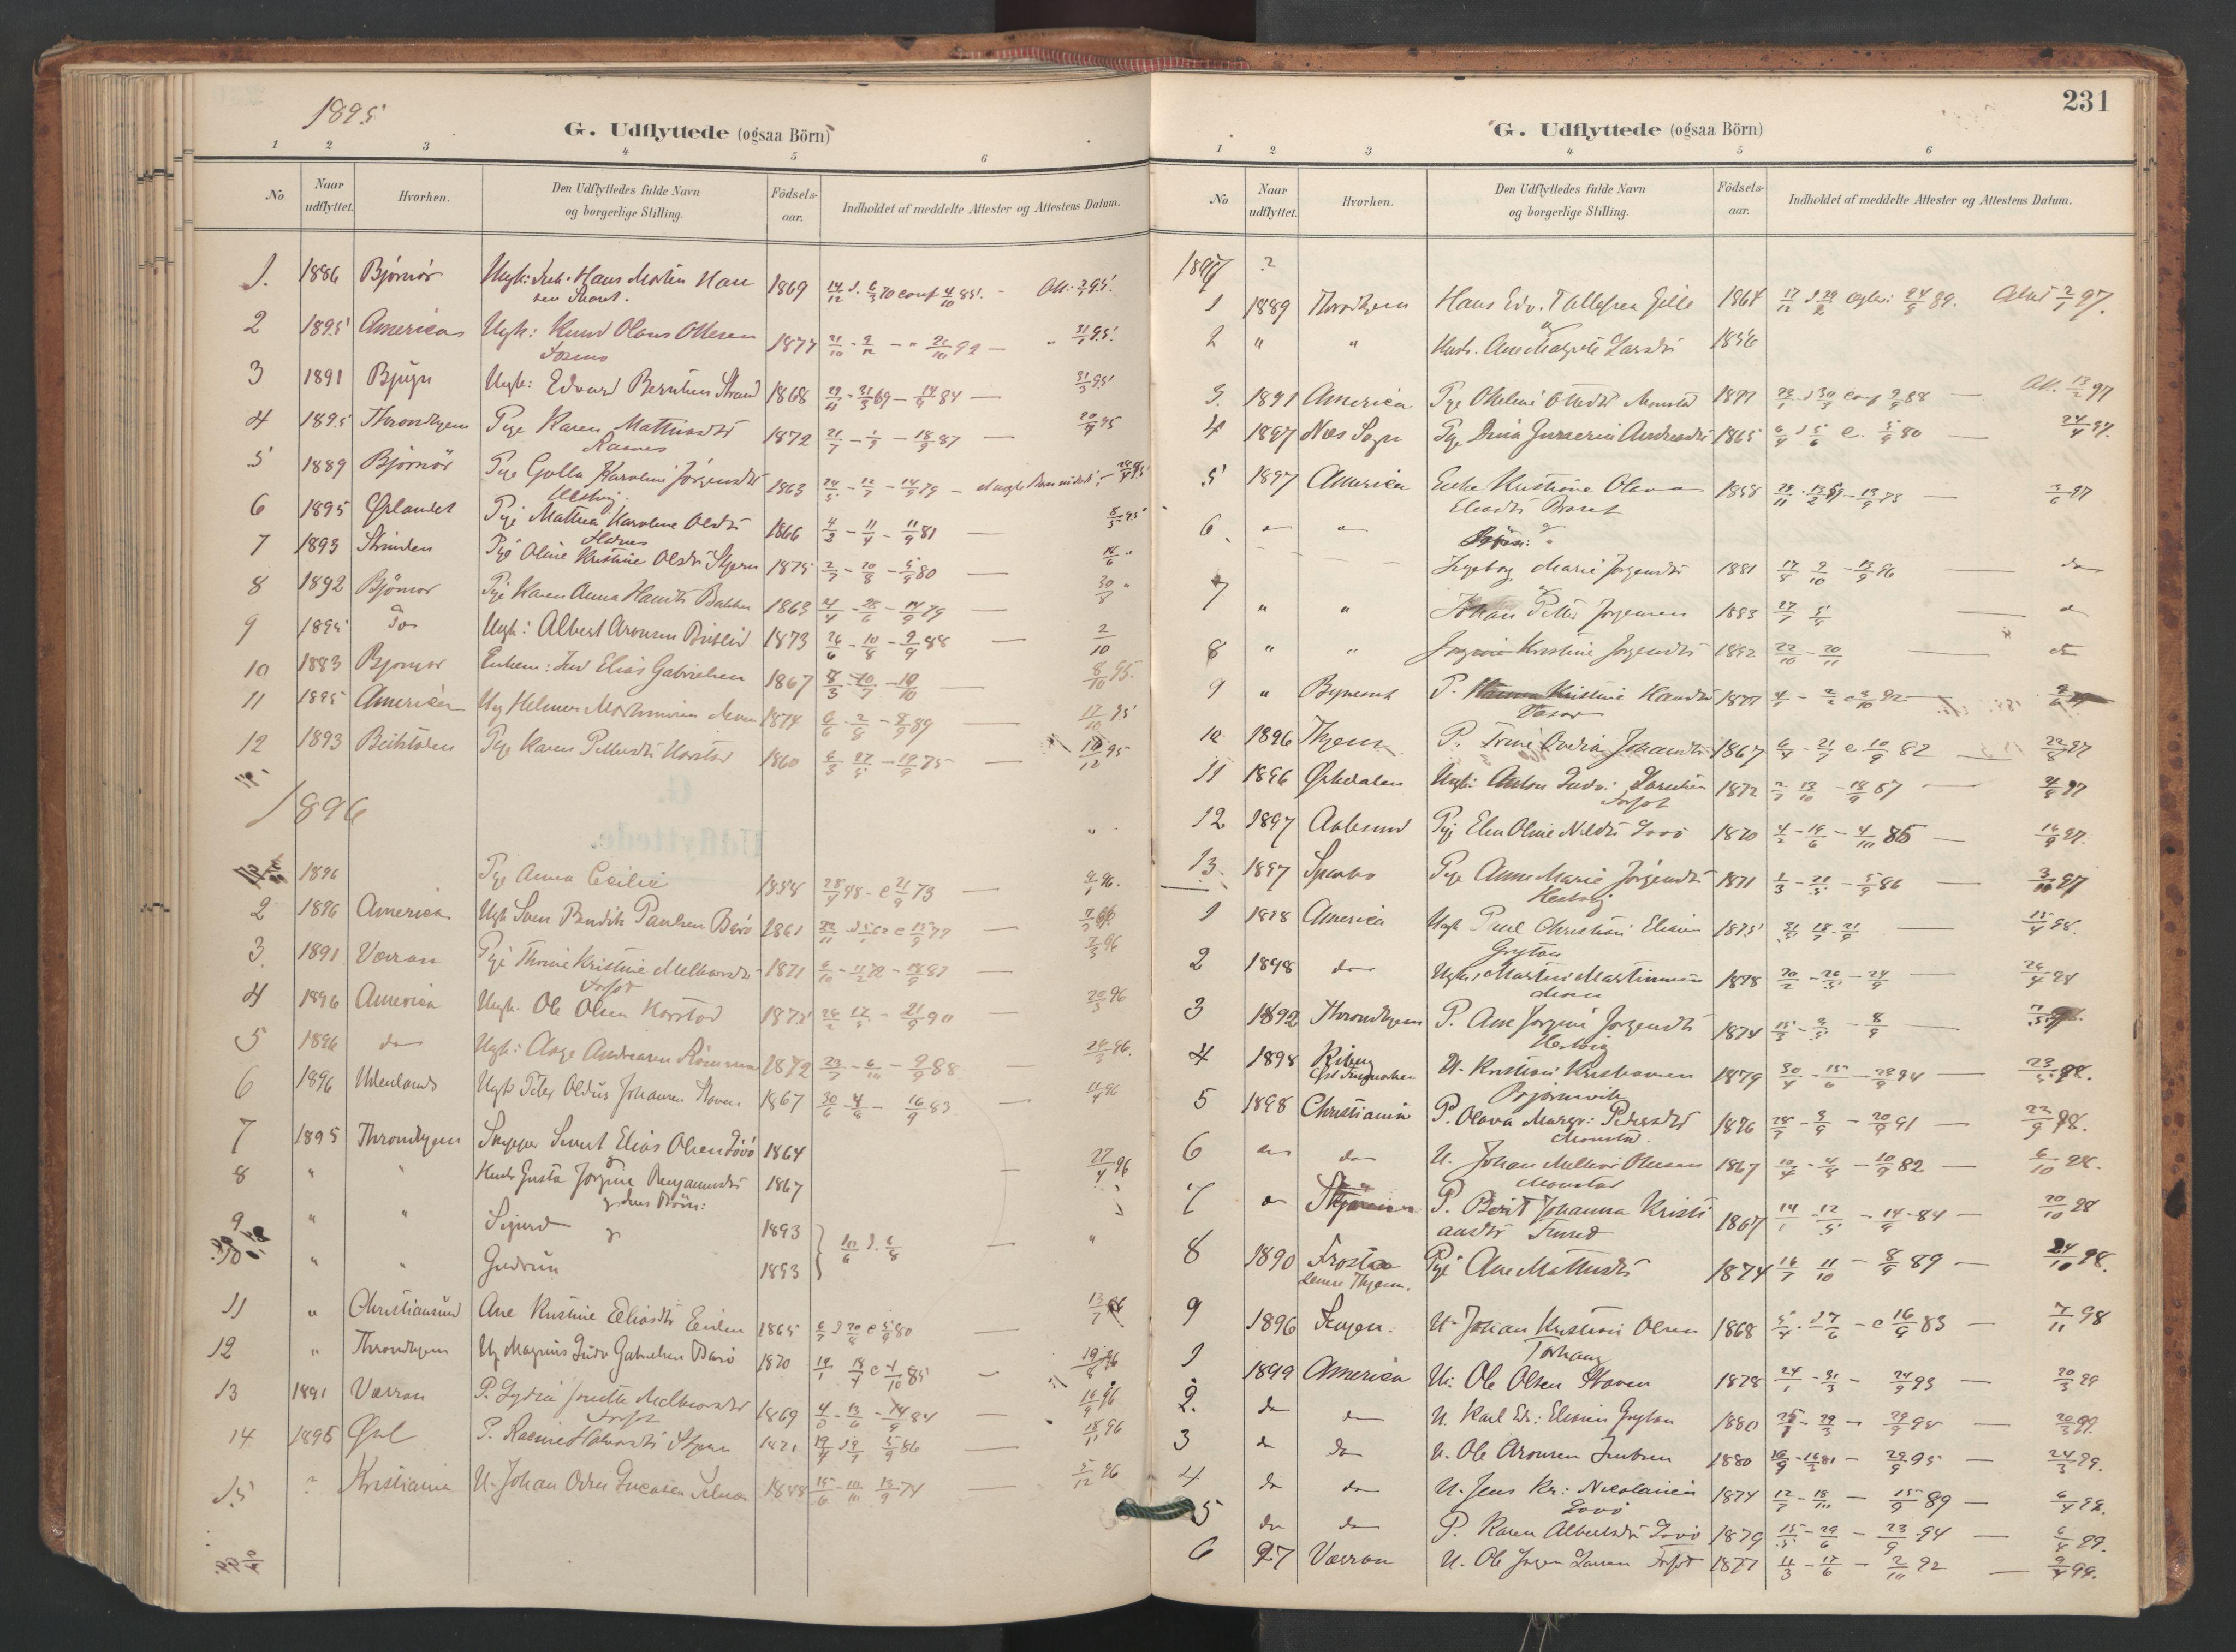 SAT, Ministerialprotokoller, klokkerbøker og fødselsregistre - Sør-Trøndelag, 655/L0681: Ministerialbok nr. 655A10, 1895-1907, s. 231